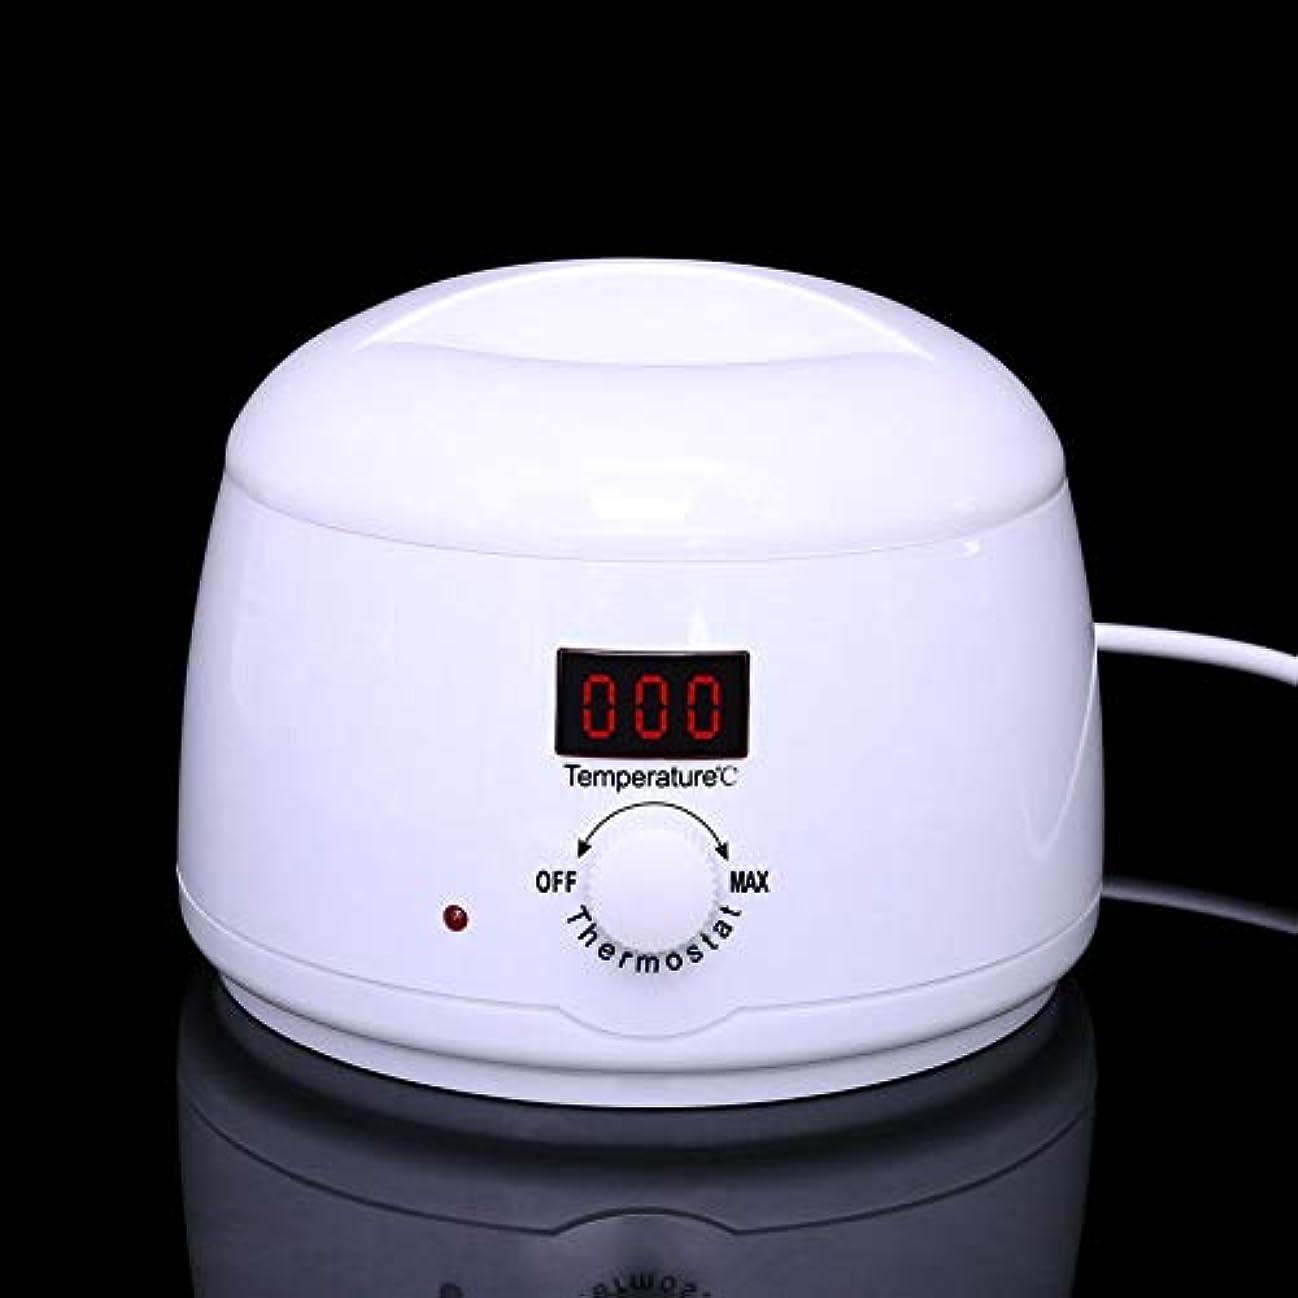 ムスタチオ見せますひらめき調節可能な温度のワックスマシン、女性および男性500CCのための多機能の家のワックスが付いている毛の取り外しのための専門の電気ワックスのウォーマーのヒーターのメルター